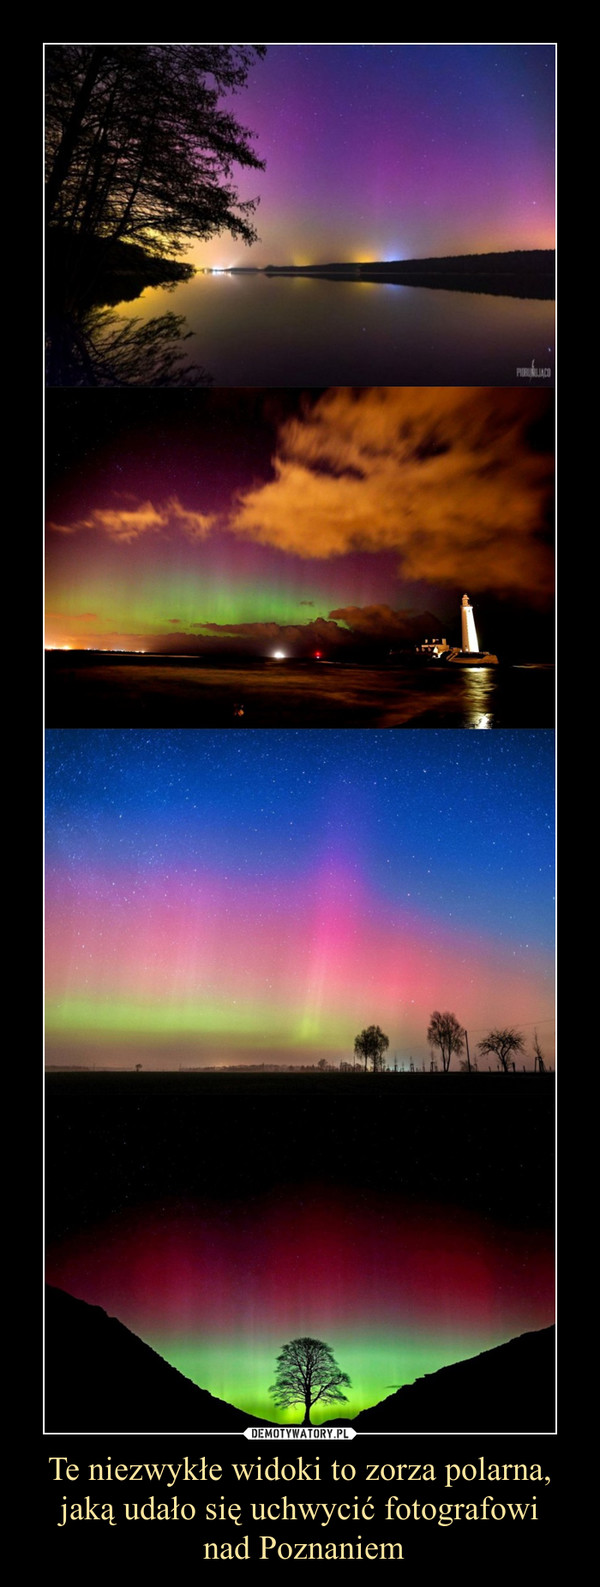 Te niezwykłe widoki to zorza polarna, jaką udało się uchwycić fotografowi nad Poznaniem –